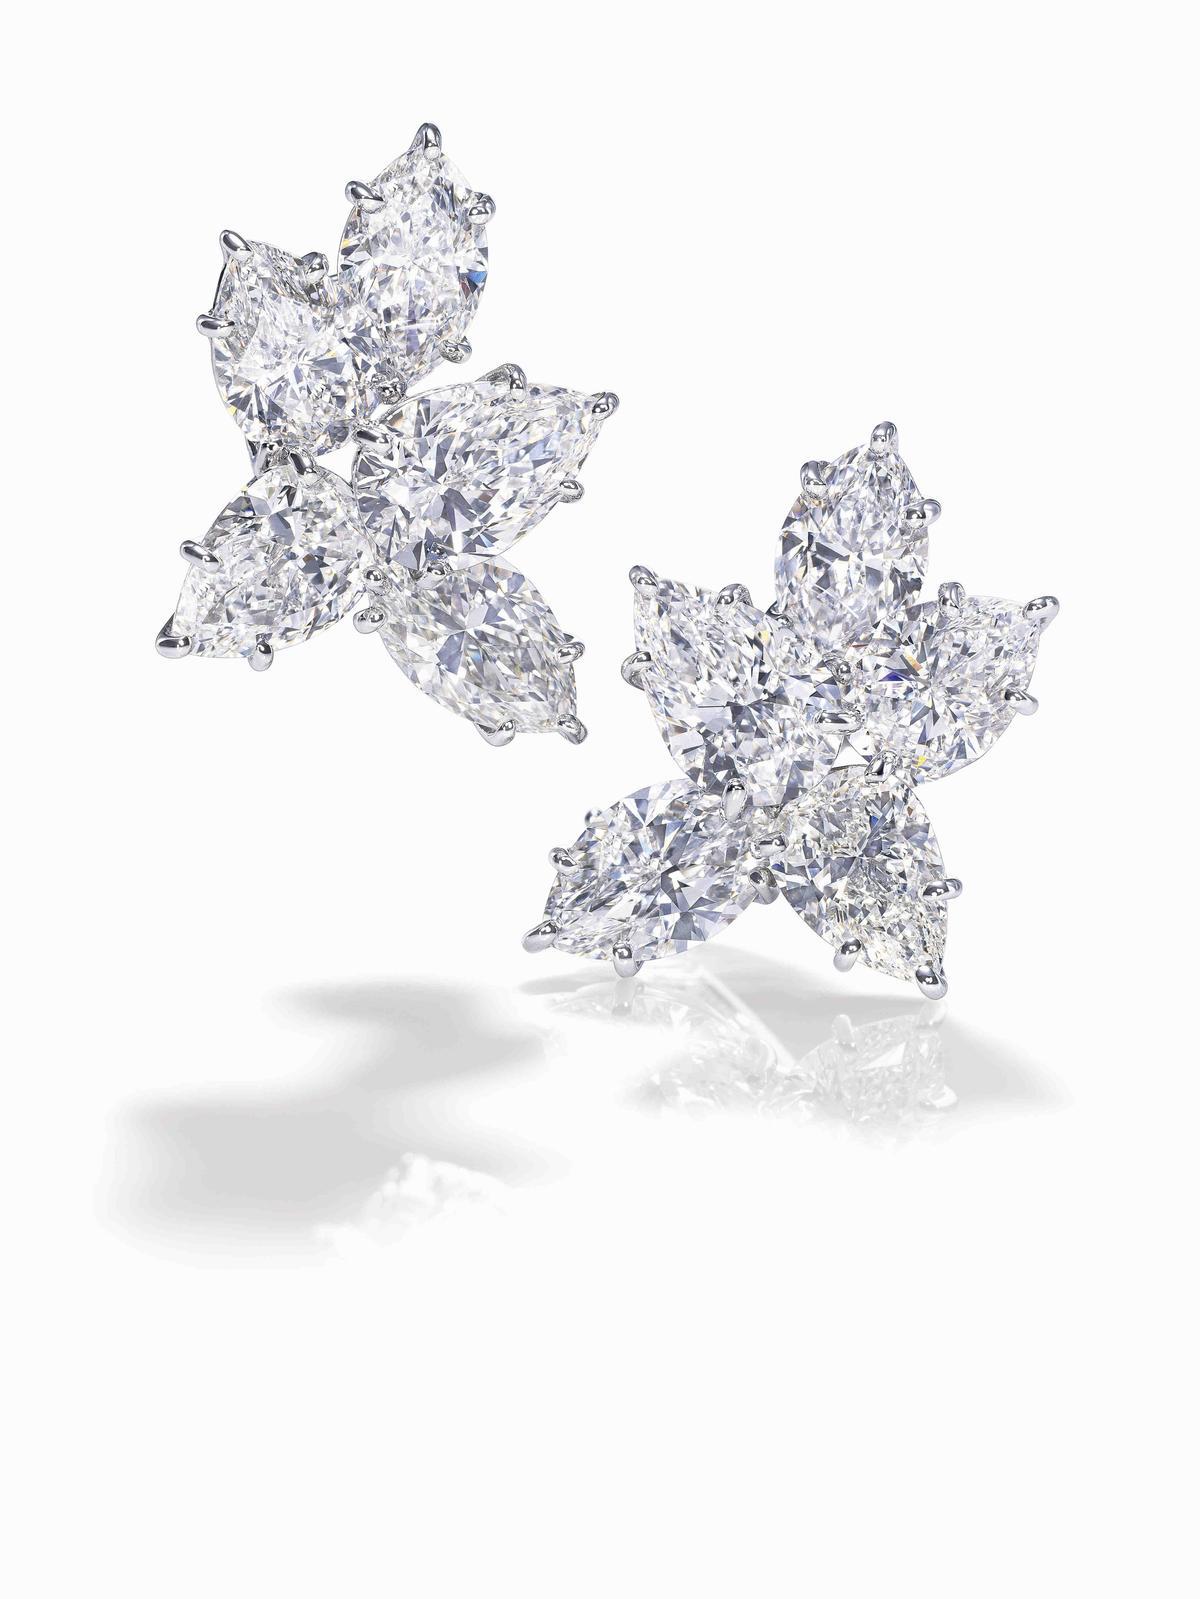 陳淑芳配戴Winston Cluster鑽石耳環,鑲嵌6顆總重約8.86克拉水滴型切工鑽石與4顆總重約5.69克拉馬眼型切工鑽石。(Harry Winston提供)